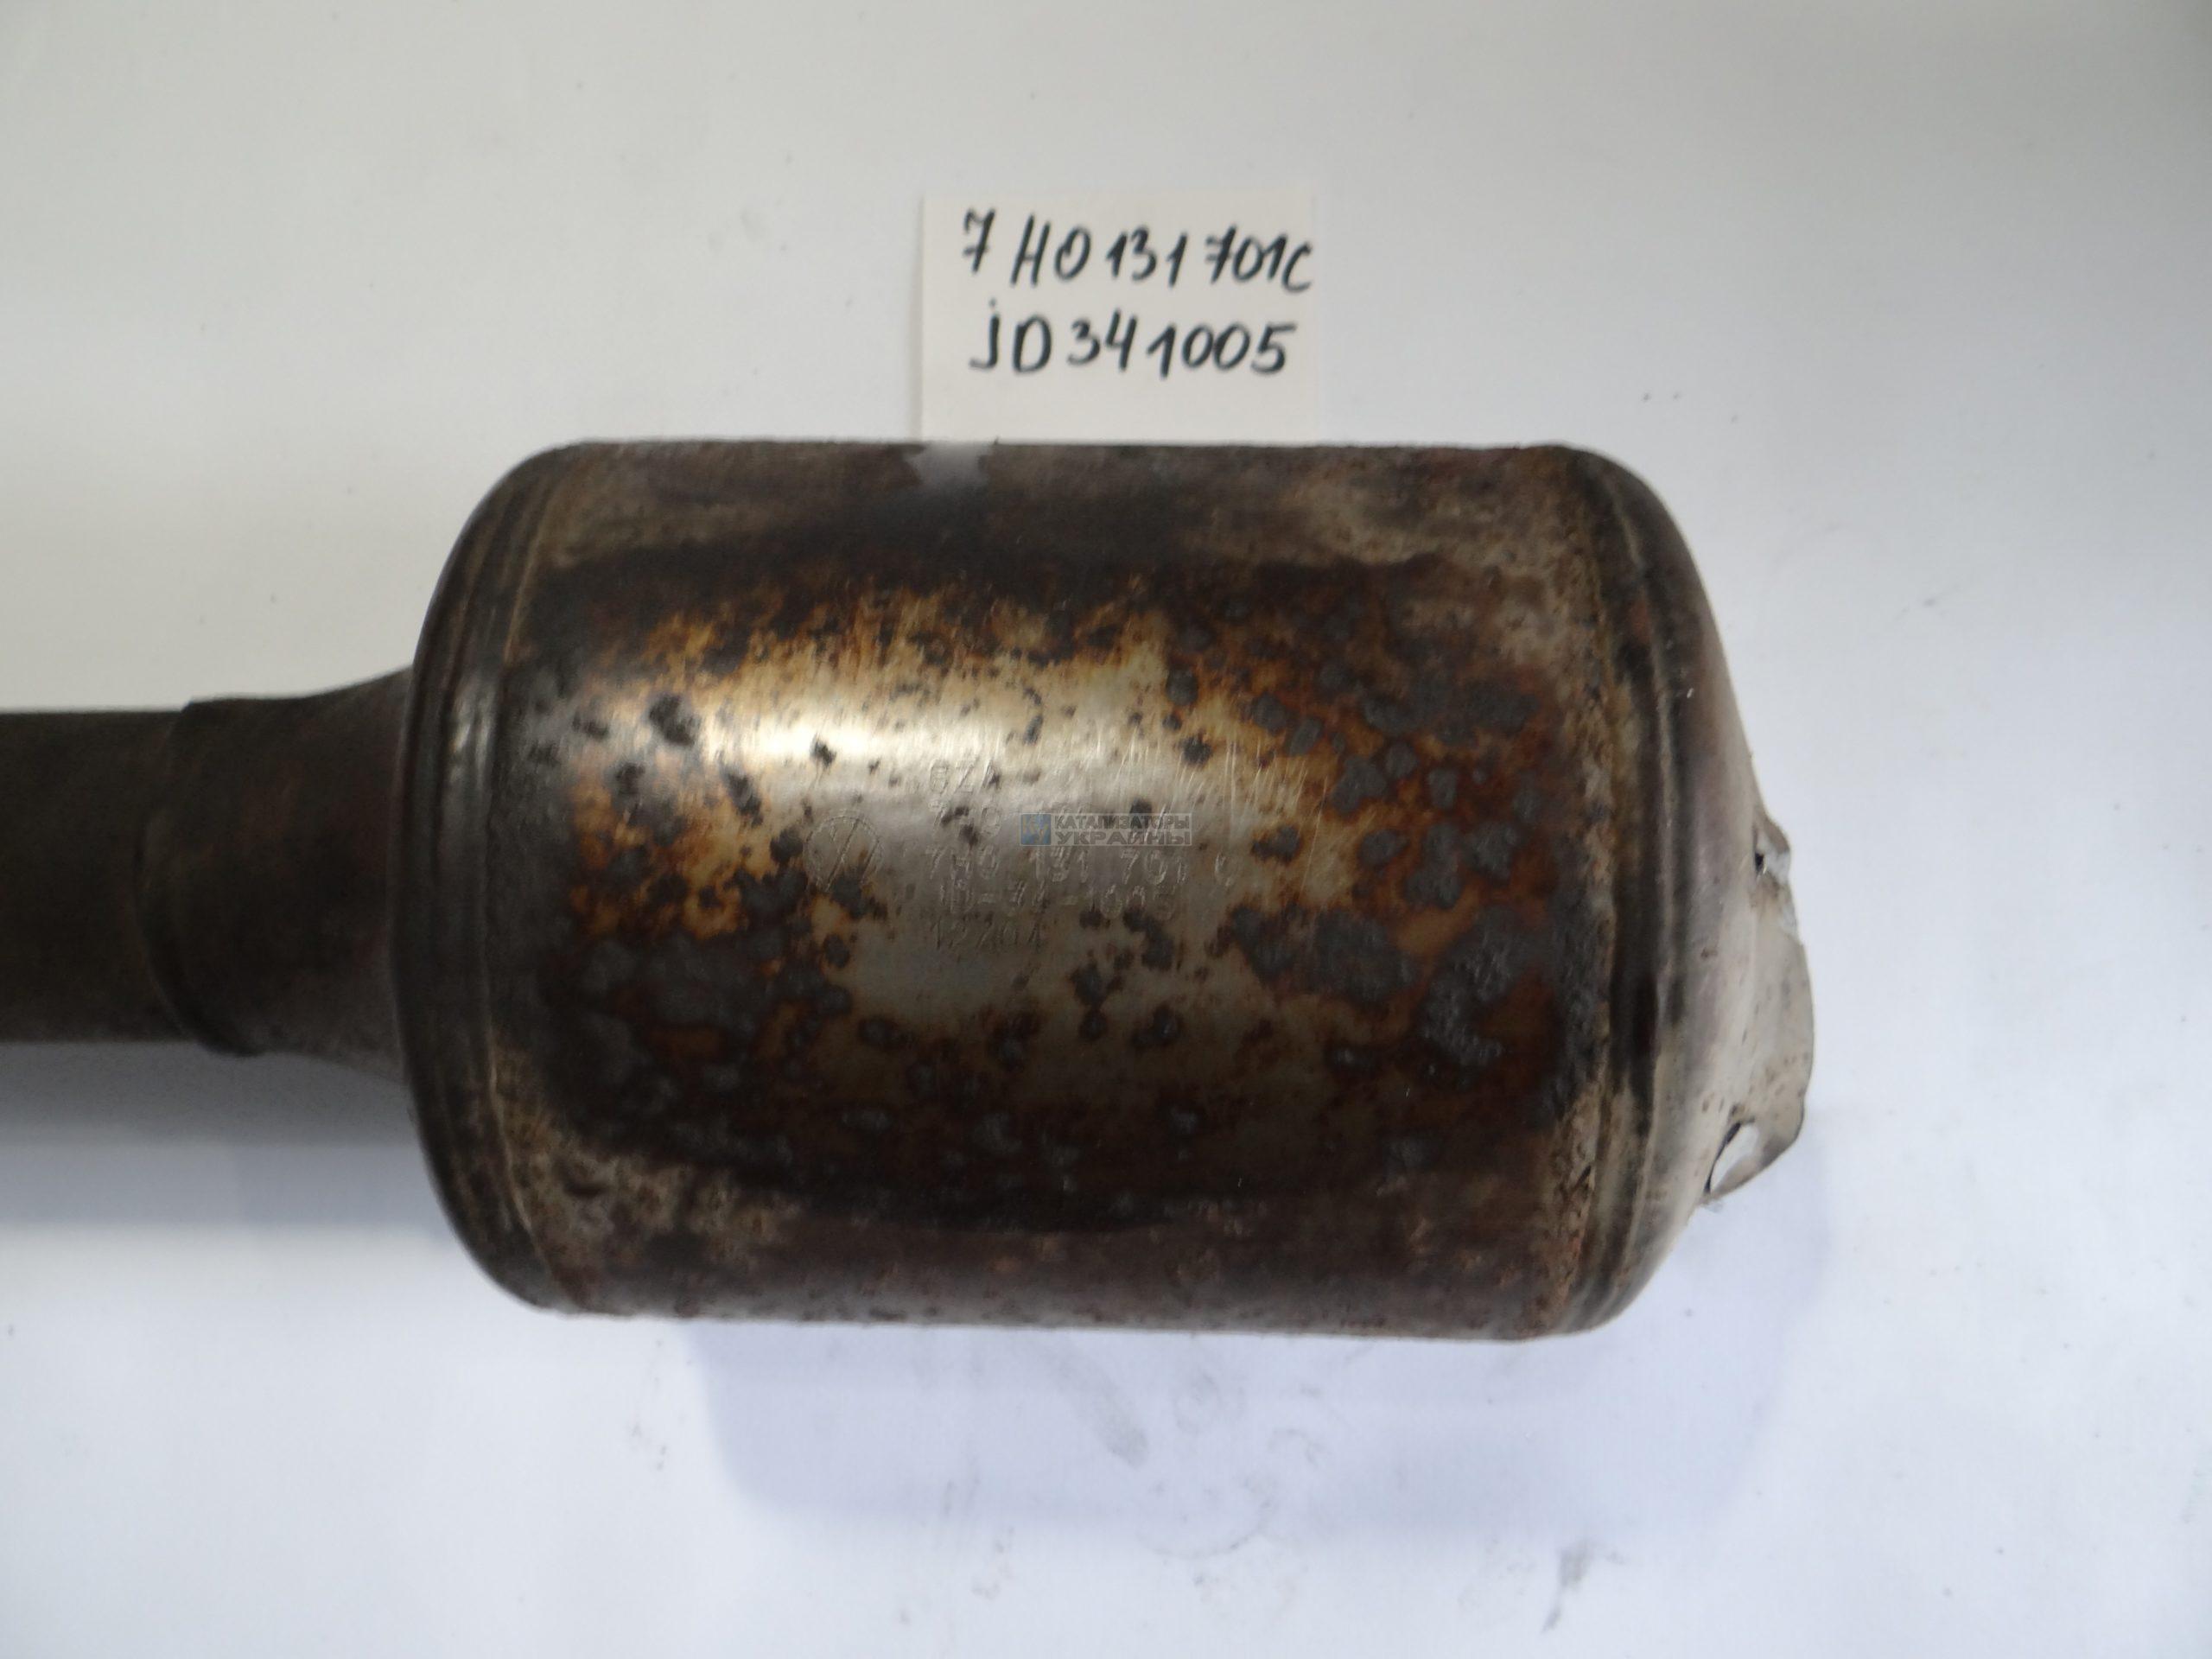 Скупка и выкуп БУ катализаторов — маркировка: 7H0131701C, JD341005